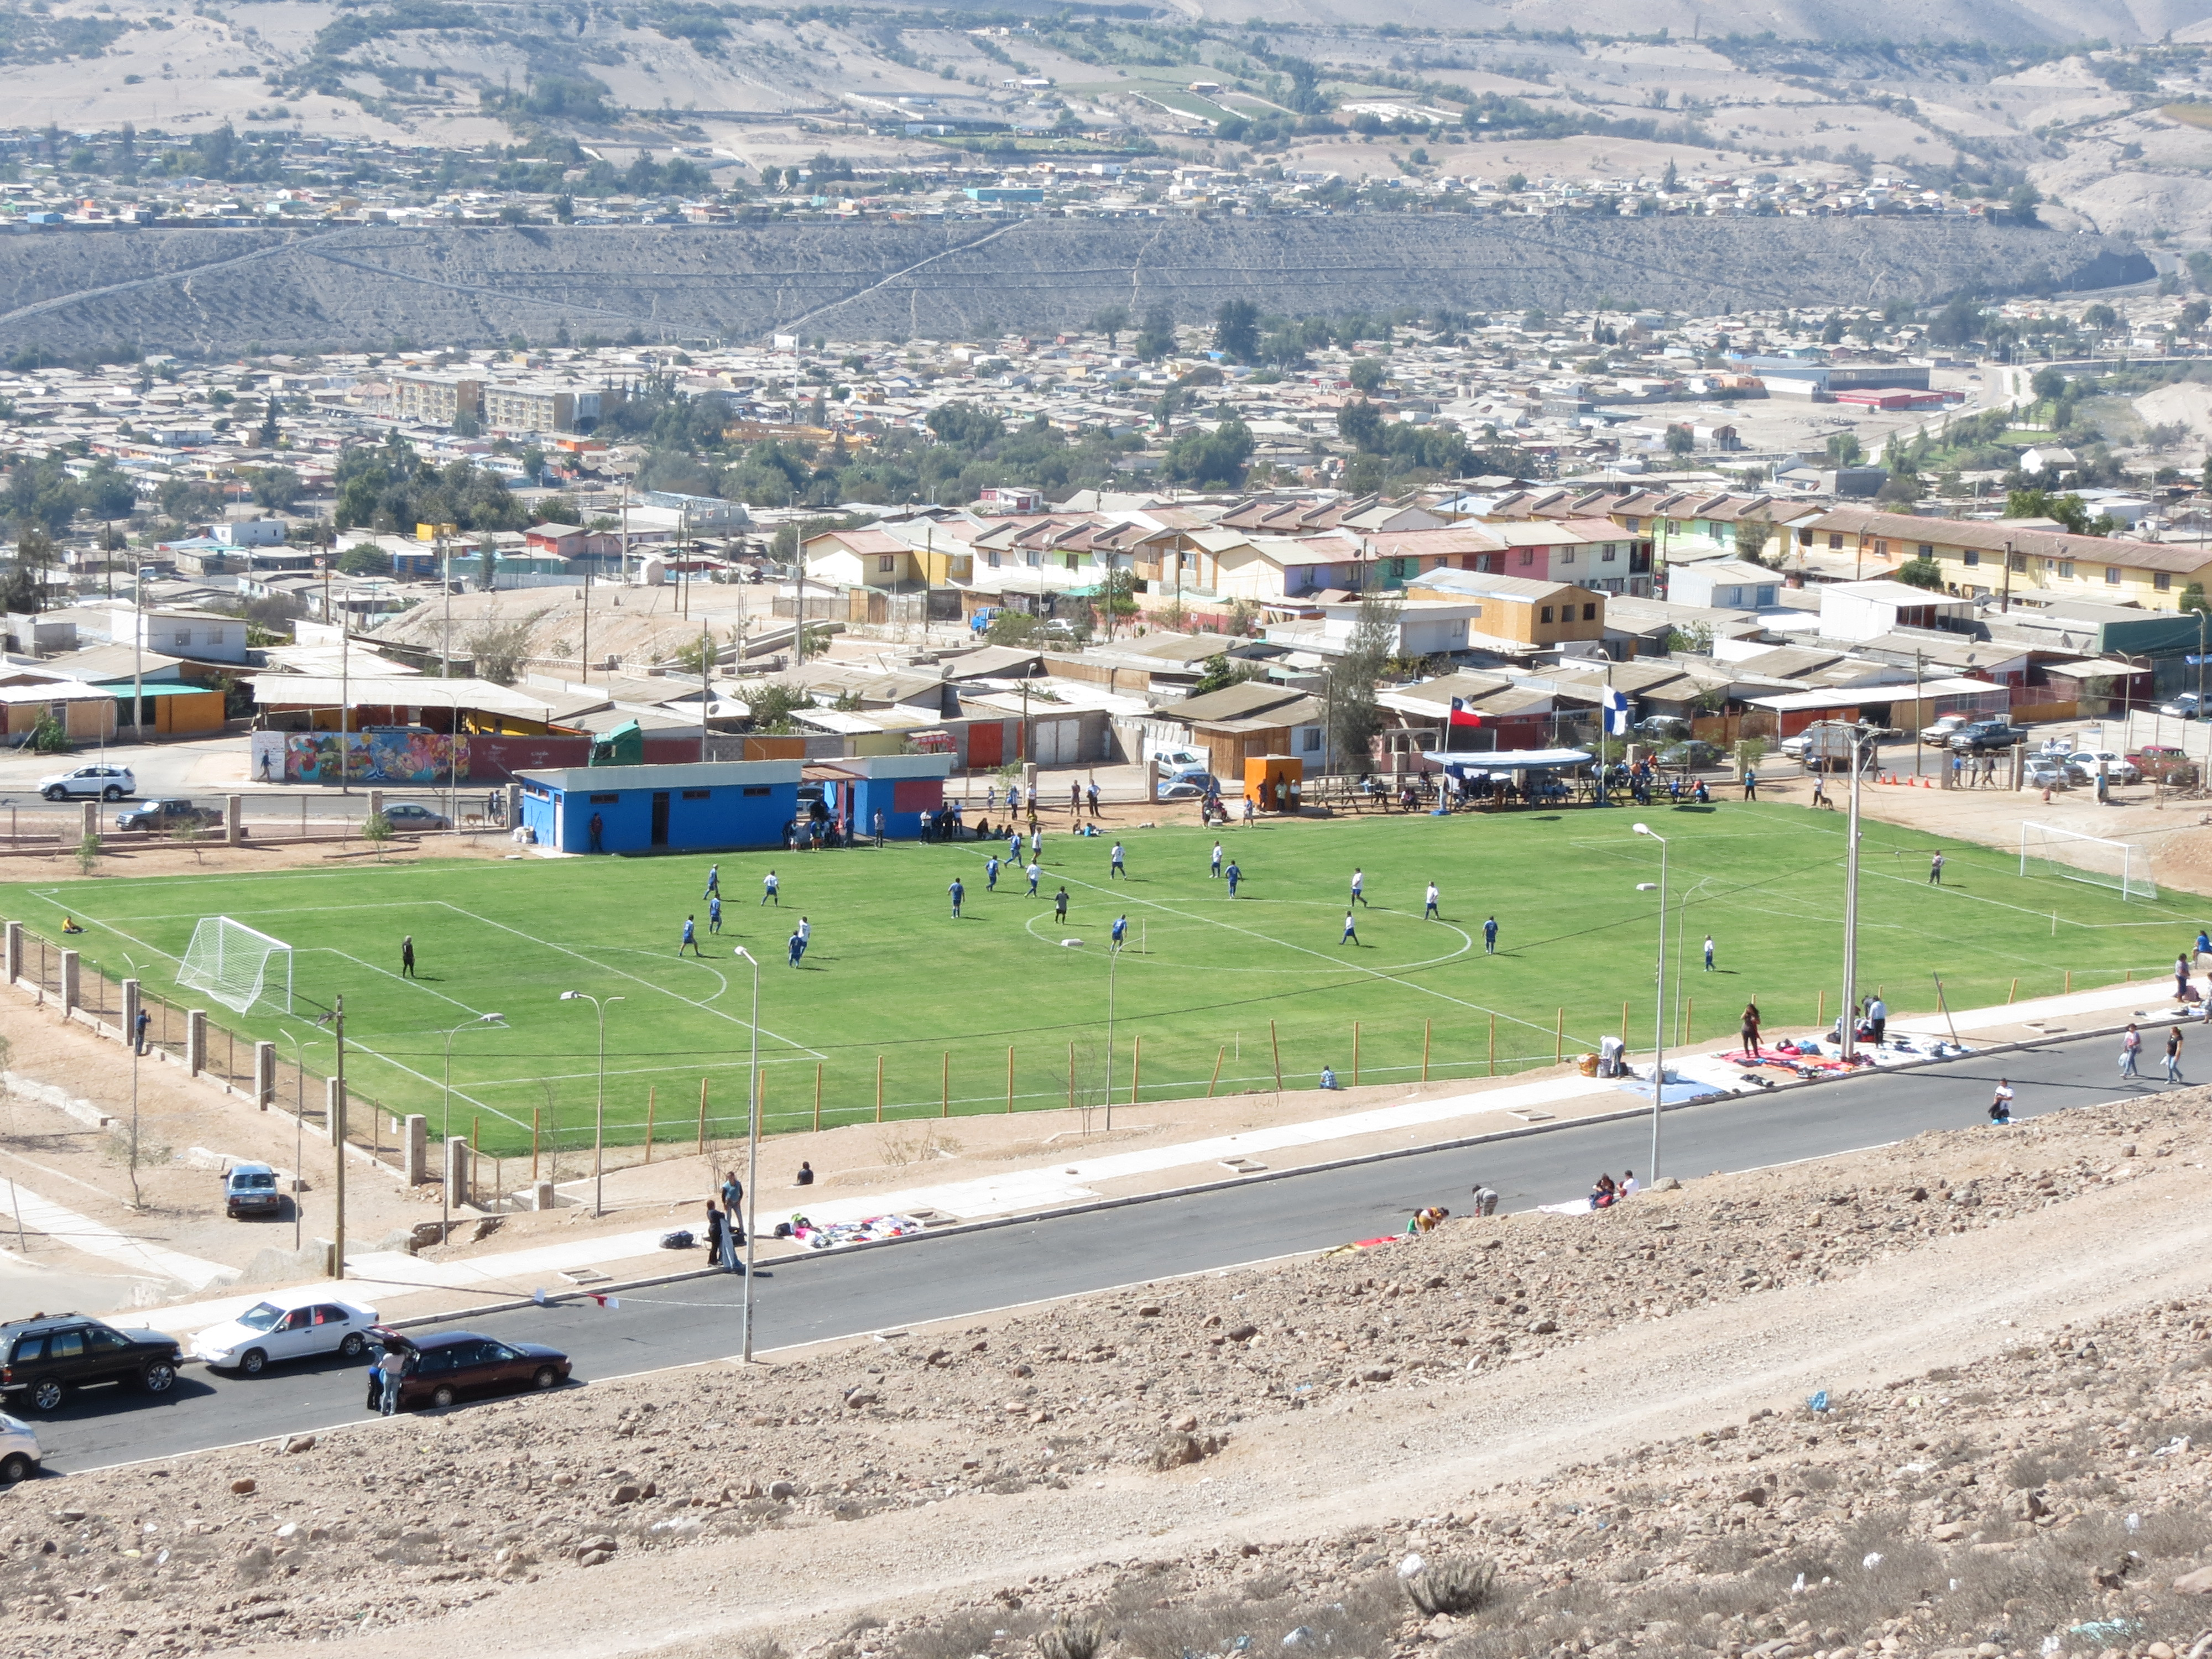 Inauguran nueva cancha de fútbol en Vallenar